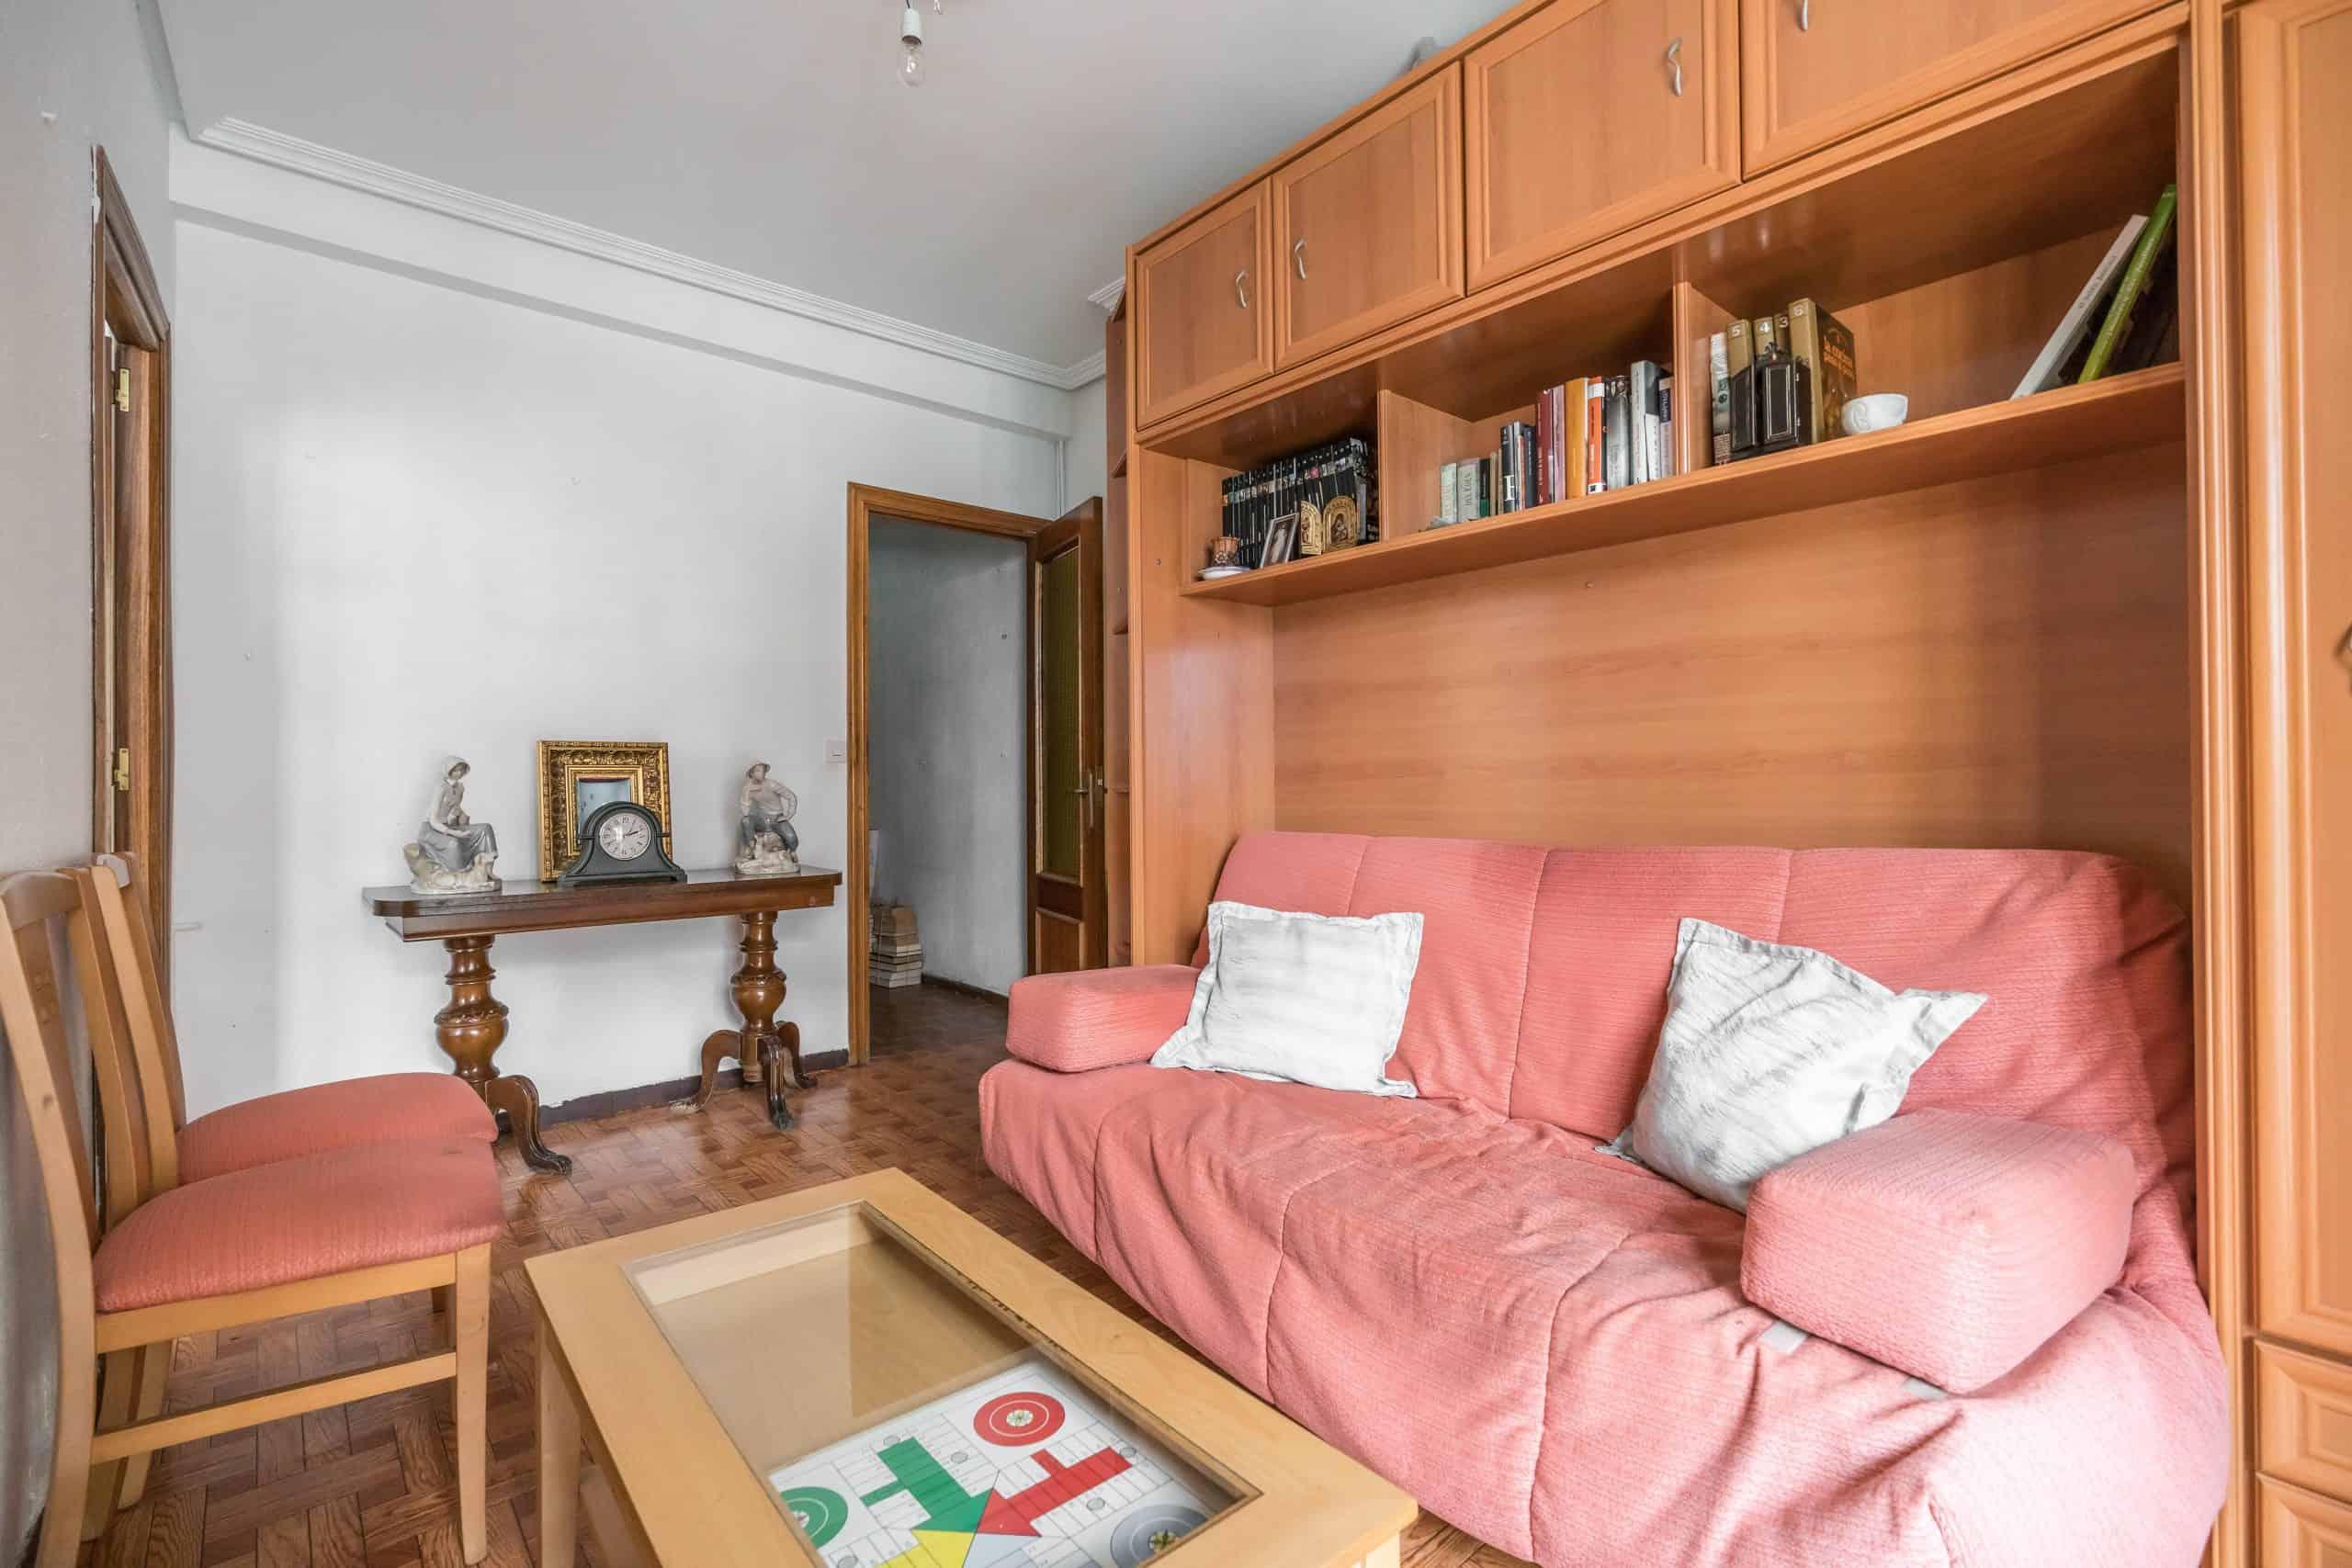 Agencia Inmobiliaria de Madrid-FUTUROCASA-Zona ARGANZUELA-LEGAZPI -calle Jaime Conquistador 27- Salón 5